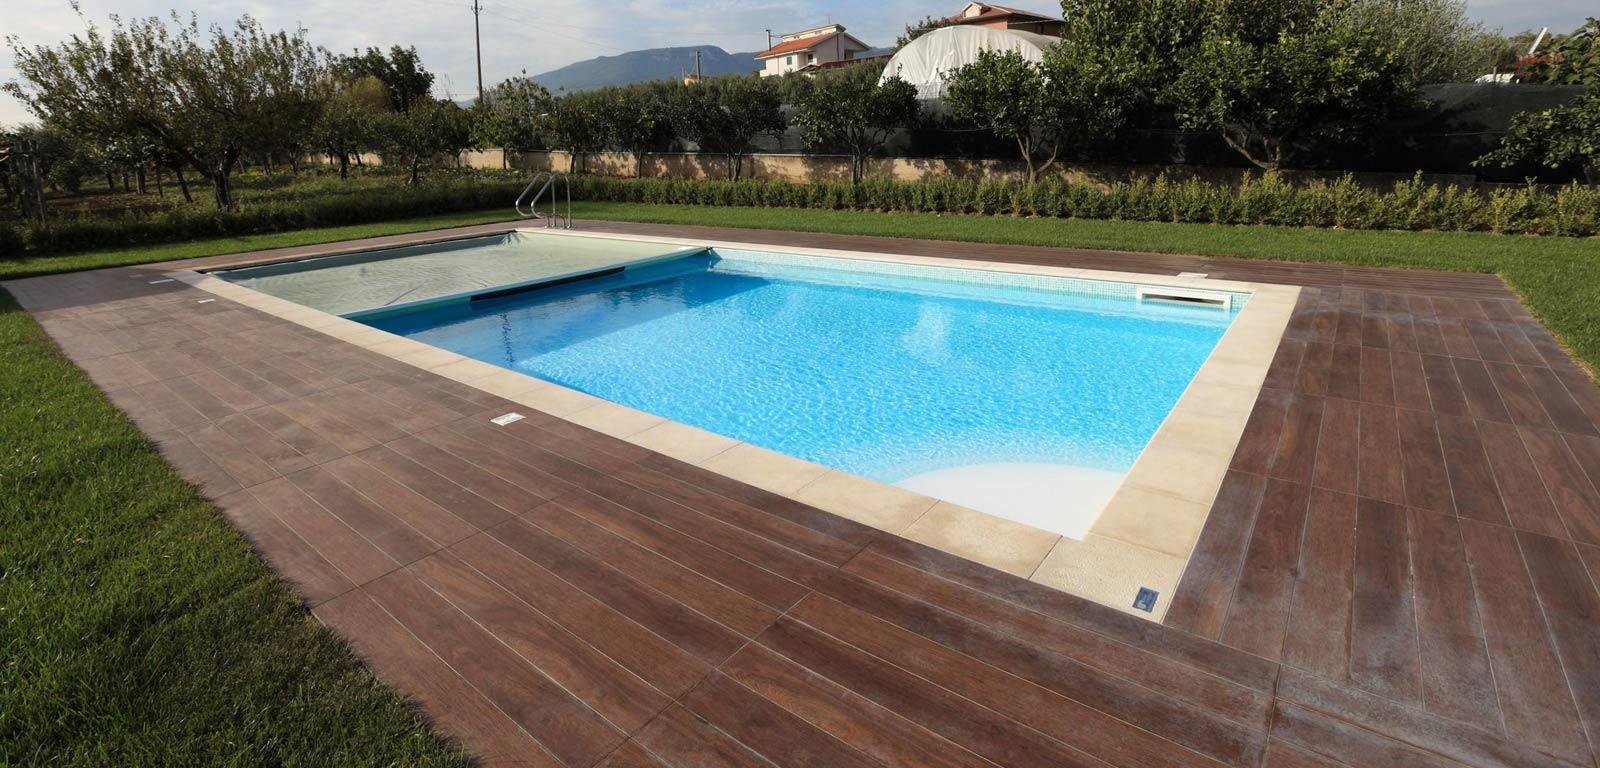 Piscine in giardino piscine castiglione - Piscina a sale ...